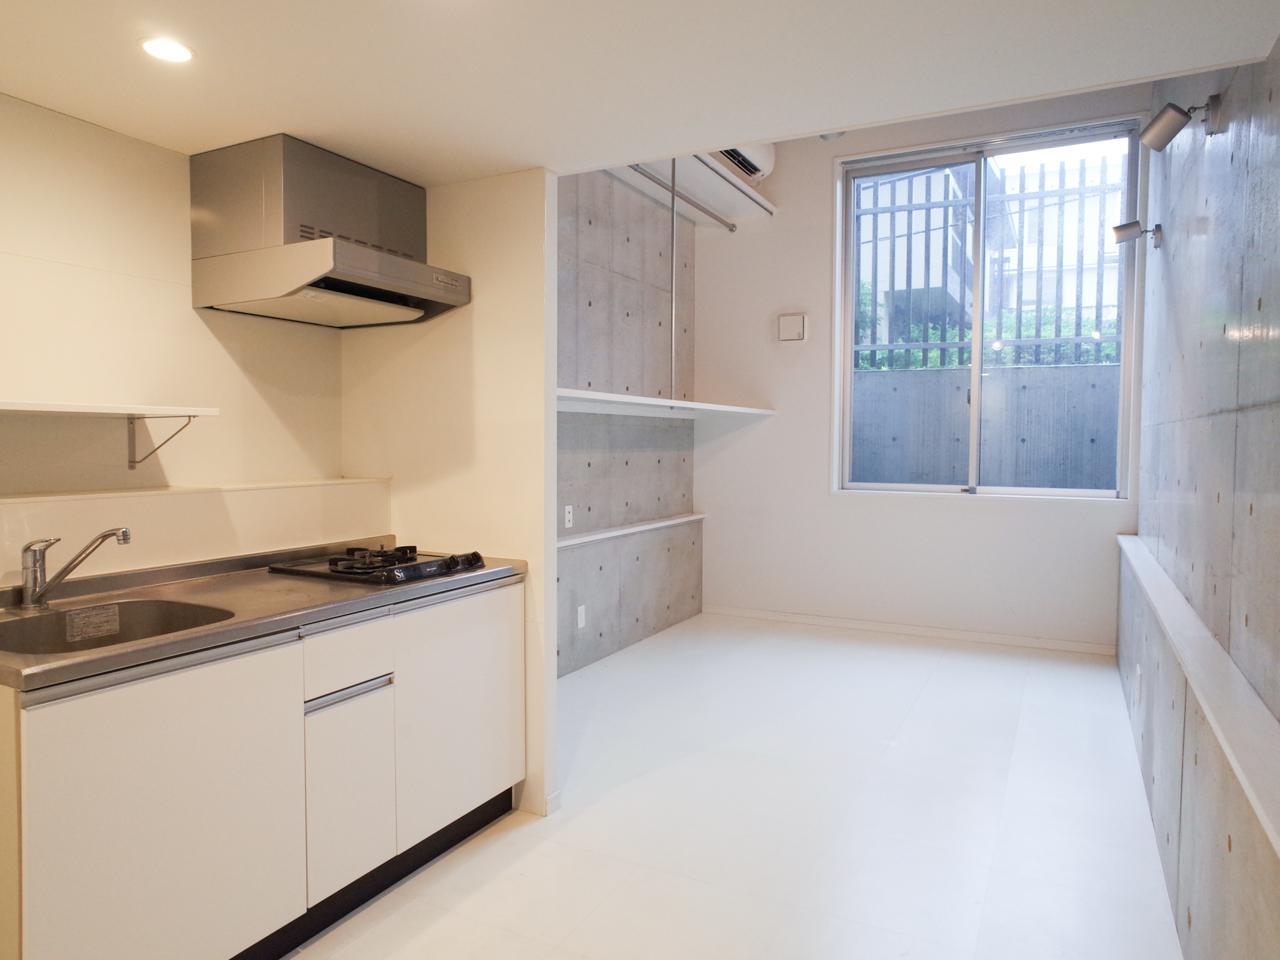 奥の居室部分は天井が高く、手前のキッチンスペースはゆとりがあります